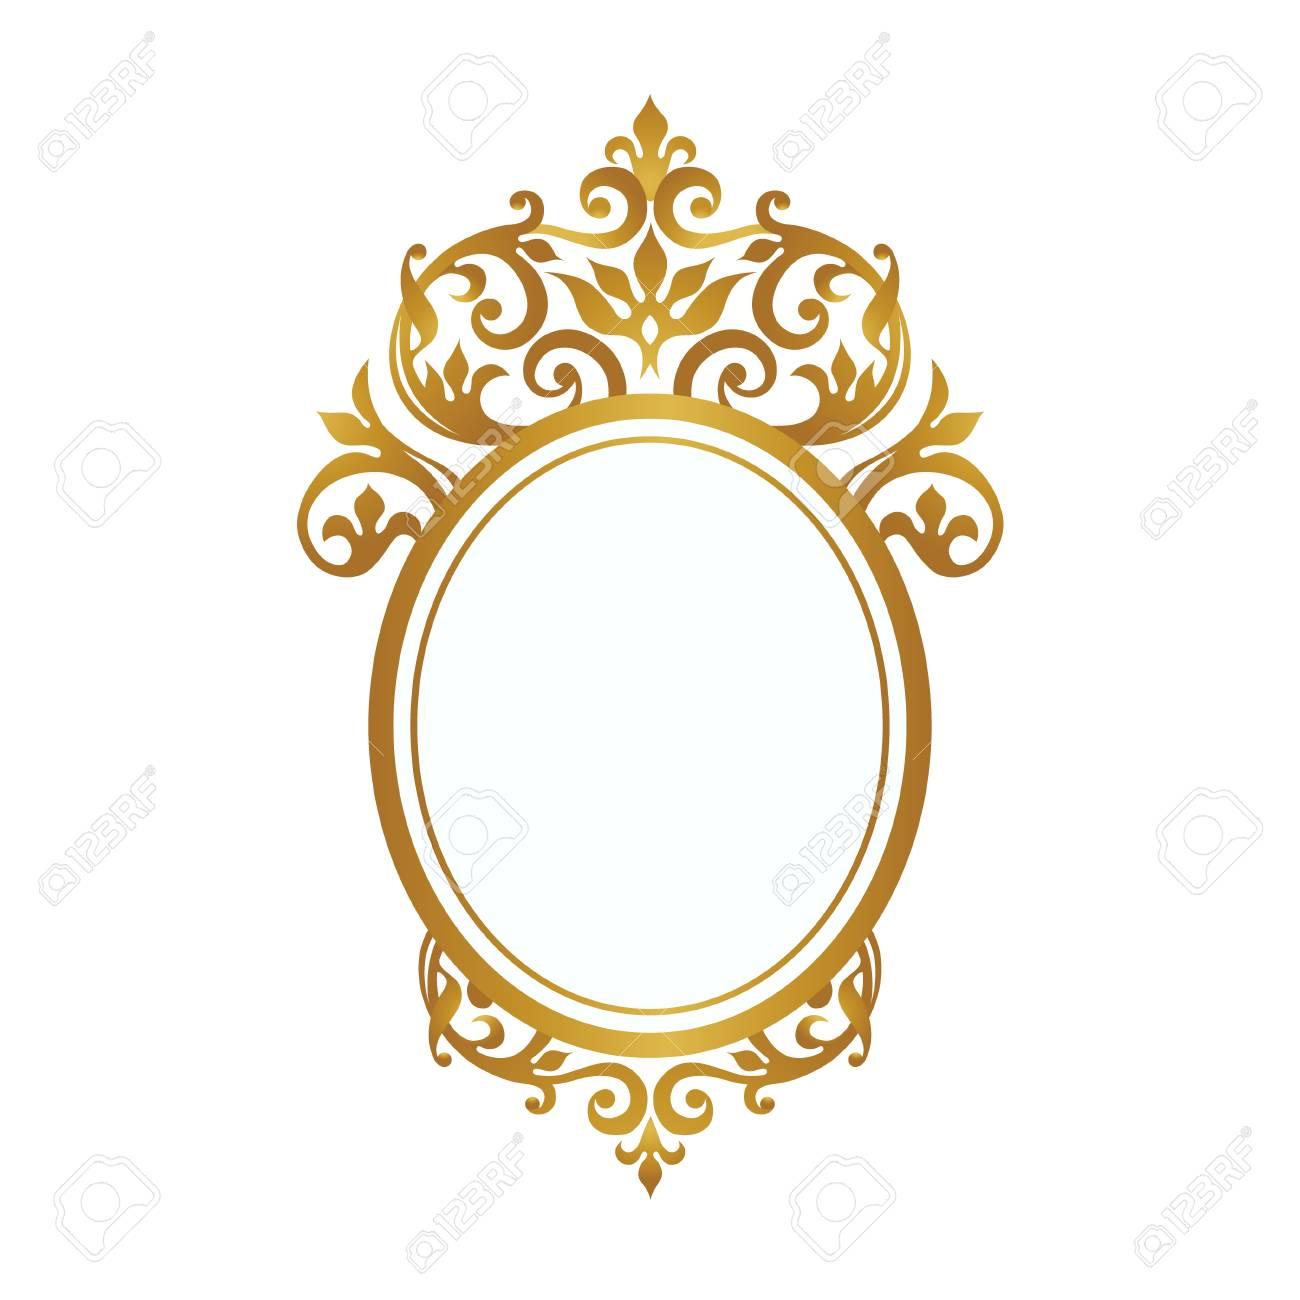 Versión Ráster Marco Decorativo En Estilo Victoriano Elemento Elegante Para El Diseño Lugar Para El Texto Borde Floral Dorado Decoración De Encaje